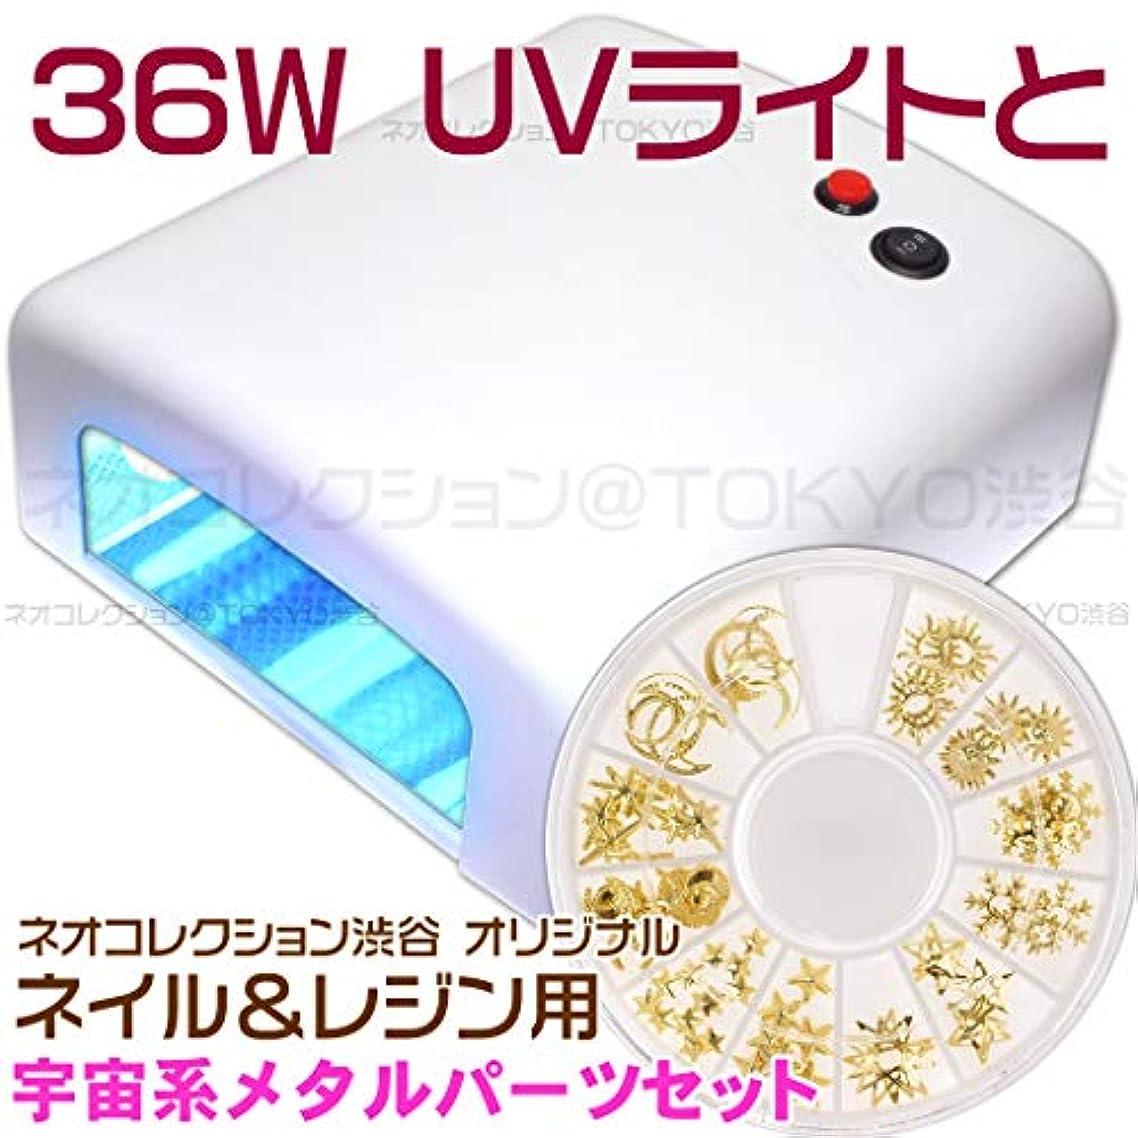 干渉気がついてそしてネオコレクション 白いUVライトとメタルパーツのセット 36Wジェルネイル用 36WUVライト単品単体本体 UVレジン用 レジンクラフト用ピンク UVランプ